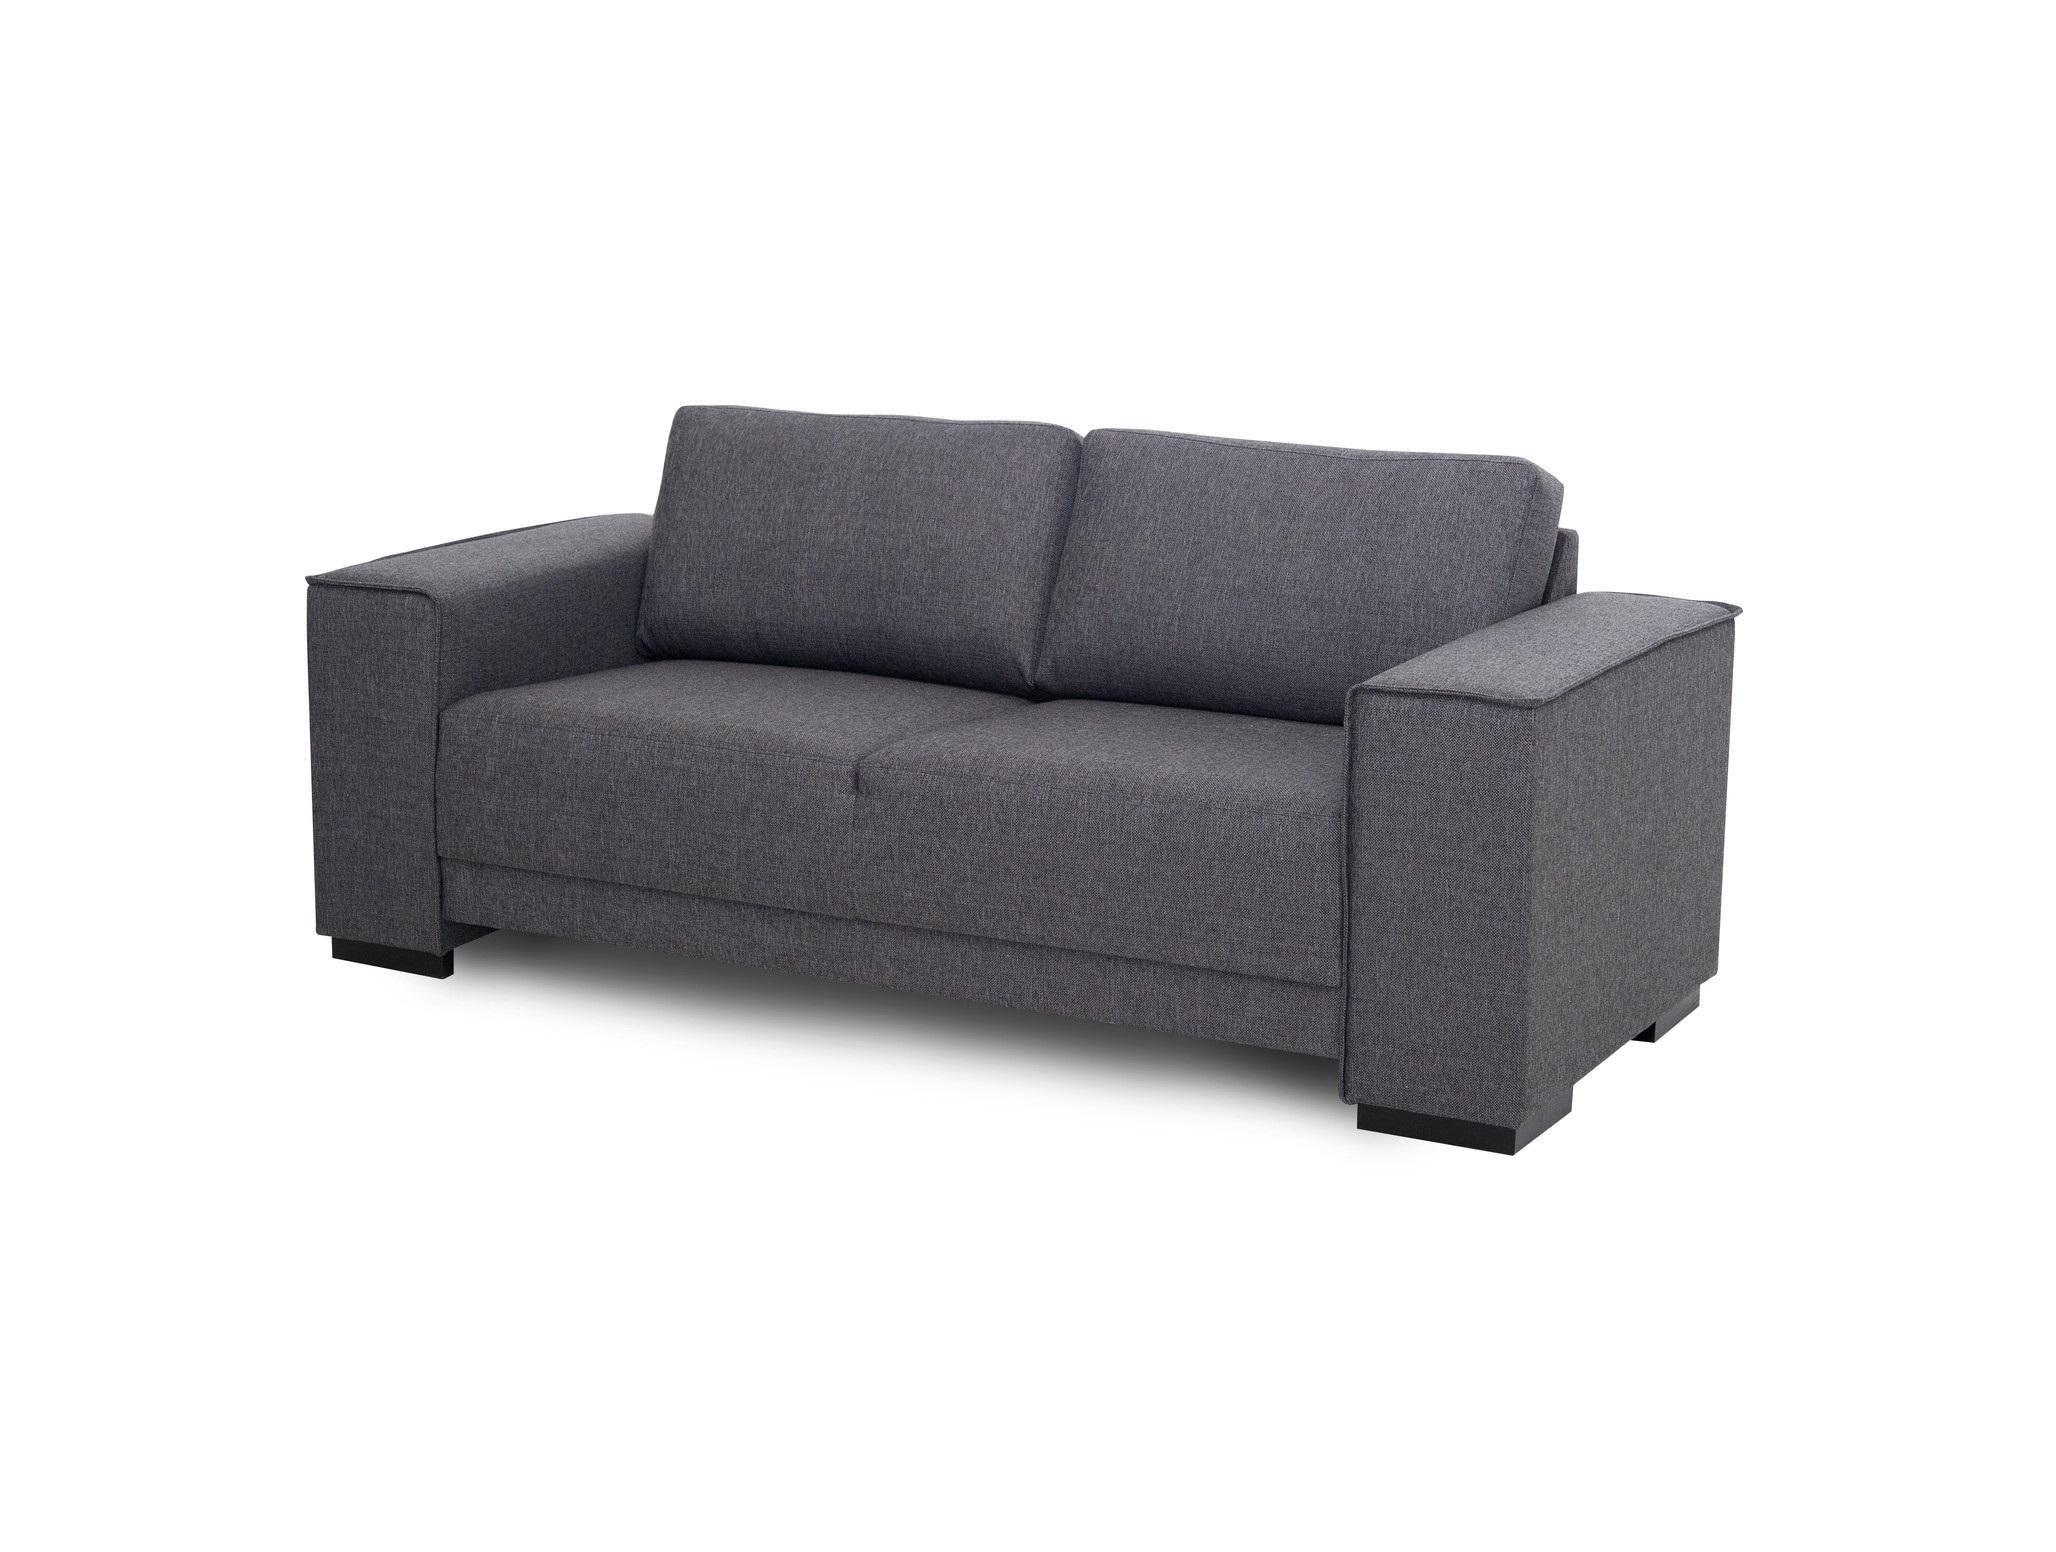 Диван НиброДвухместные диваны<br>Прямой двухместный диван Нибро – это простота форм и современное качество. Деревянные ножки вместе с тканями естественных расцветок делают образ дивана Нибро близким к природе. Не разбирается.&amp;amp;nbsp;&amp;lt;div&amp;gt;Каркас (комбинации дерева, фанеры и ЛДСП). Для сидячих подушек используют пену различной плотности, а также перо и силиконовое волокно. Для задних подушек есть пять видов наполнения: пена, измельченная пена, пена высокой эластичности, силиконовые волокно.&amp;amp;nbsp;&amp;lt;/div&amp;gt;<br><br>Material: Текстиль<br>Ширина см: 200.0<br>Высота см: 81.0<br>Глубина см: 90.0